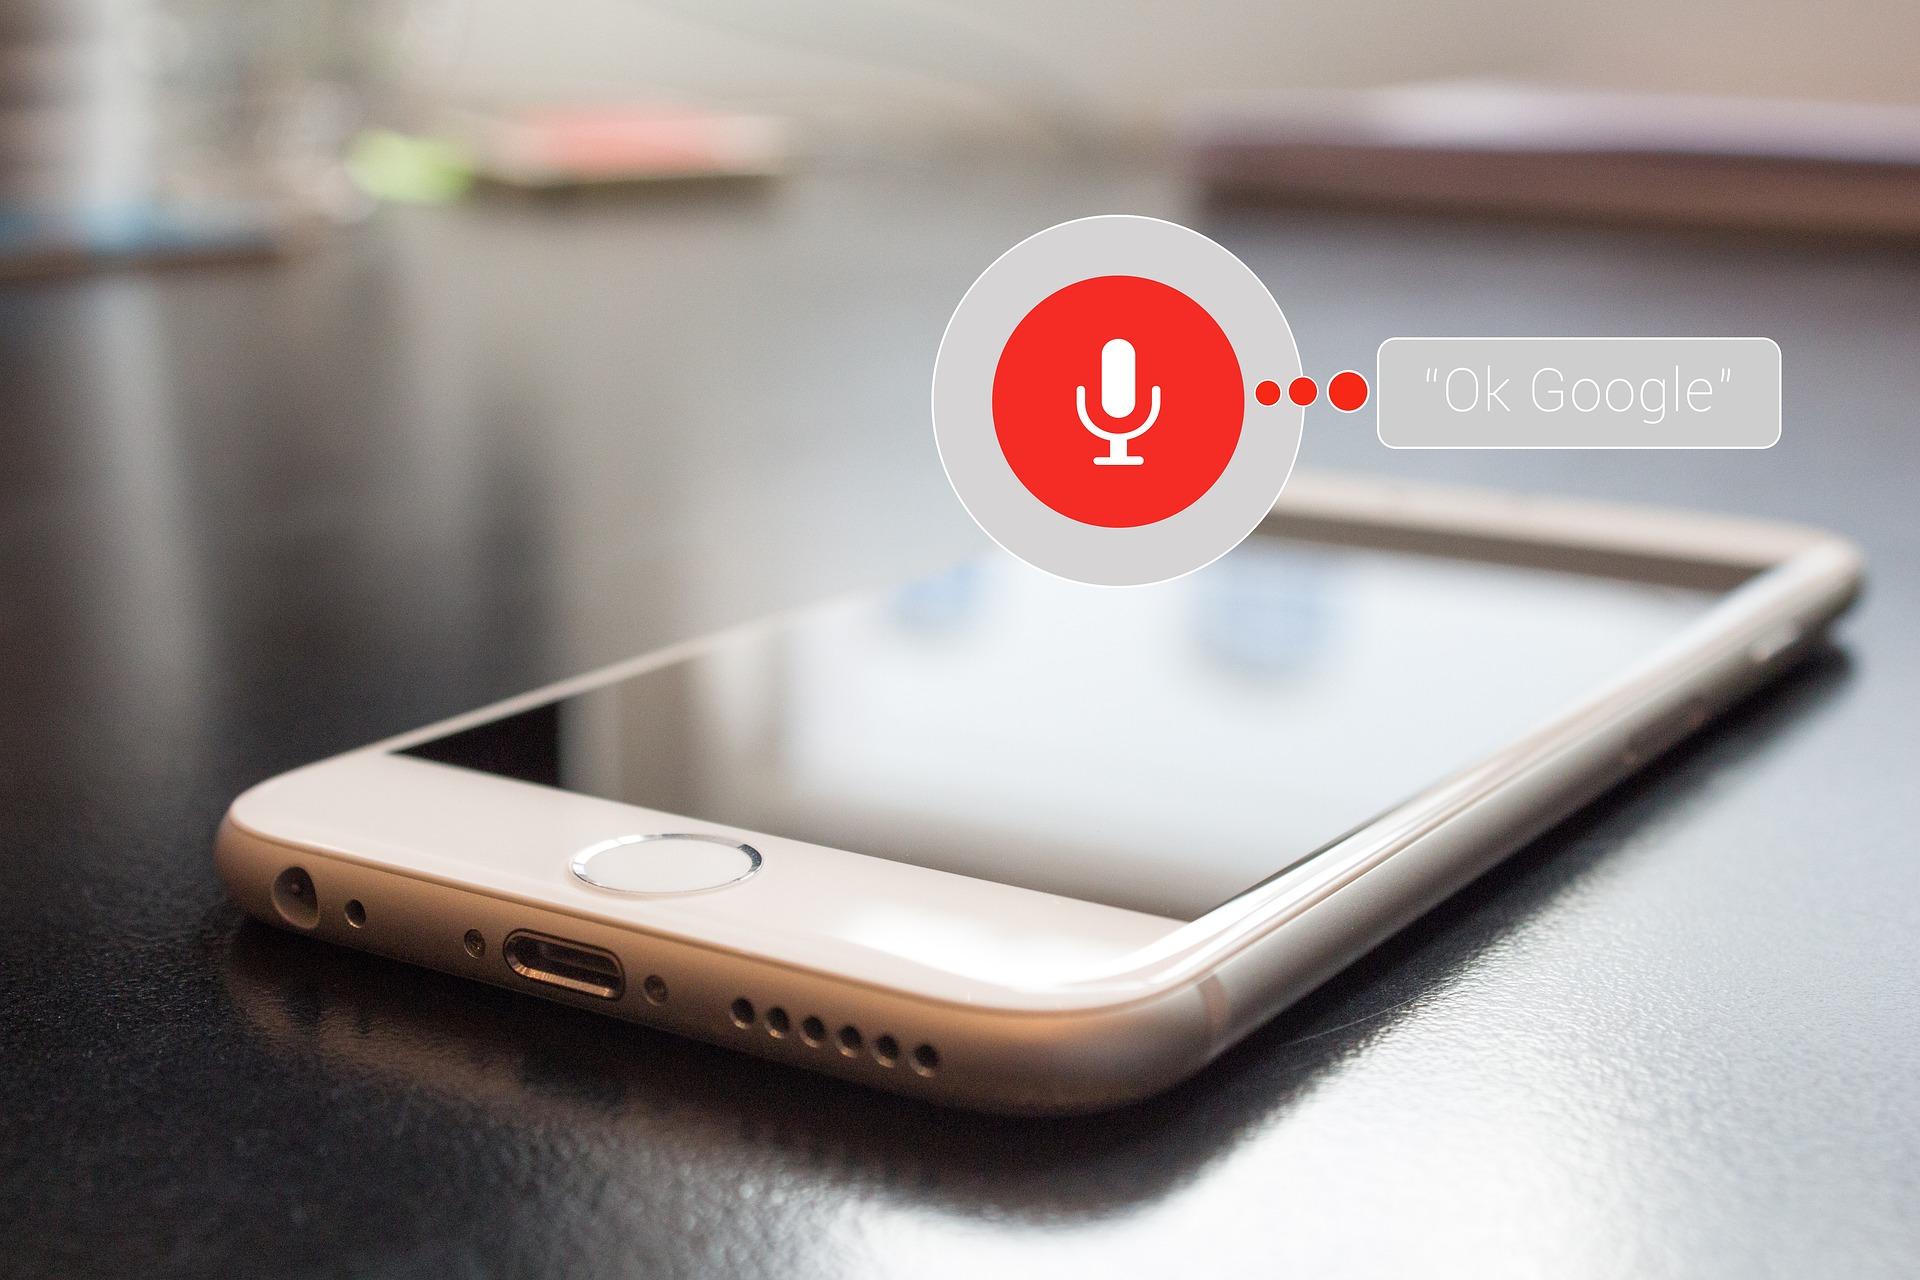 Le SEO et la recherche vocale : OK google !